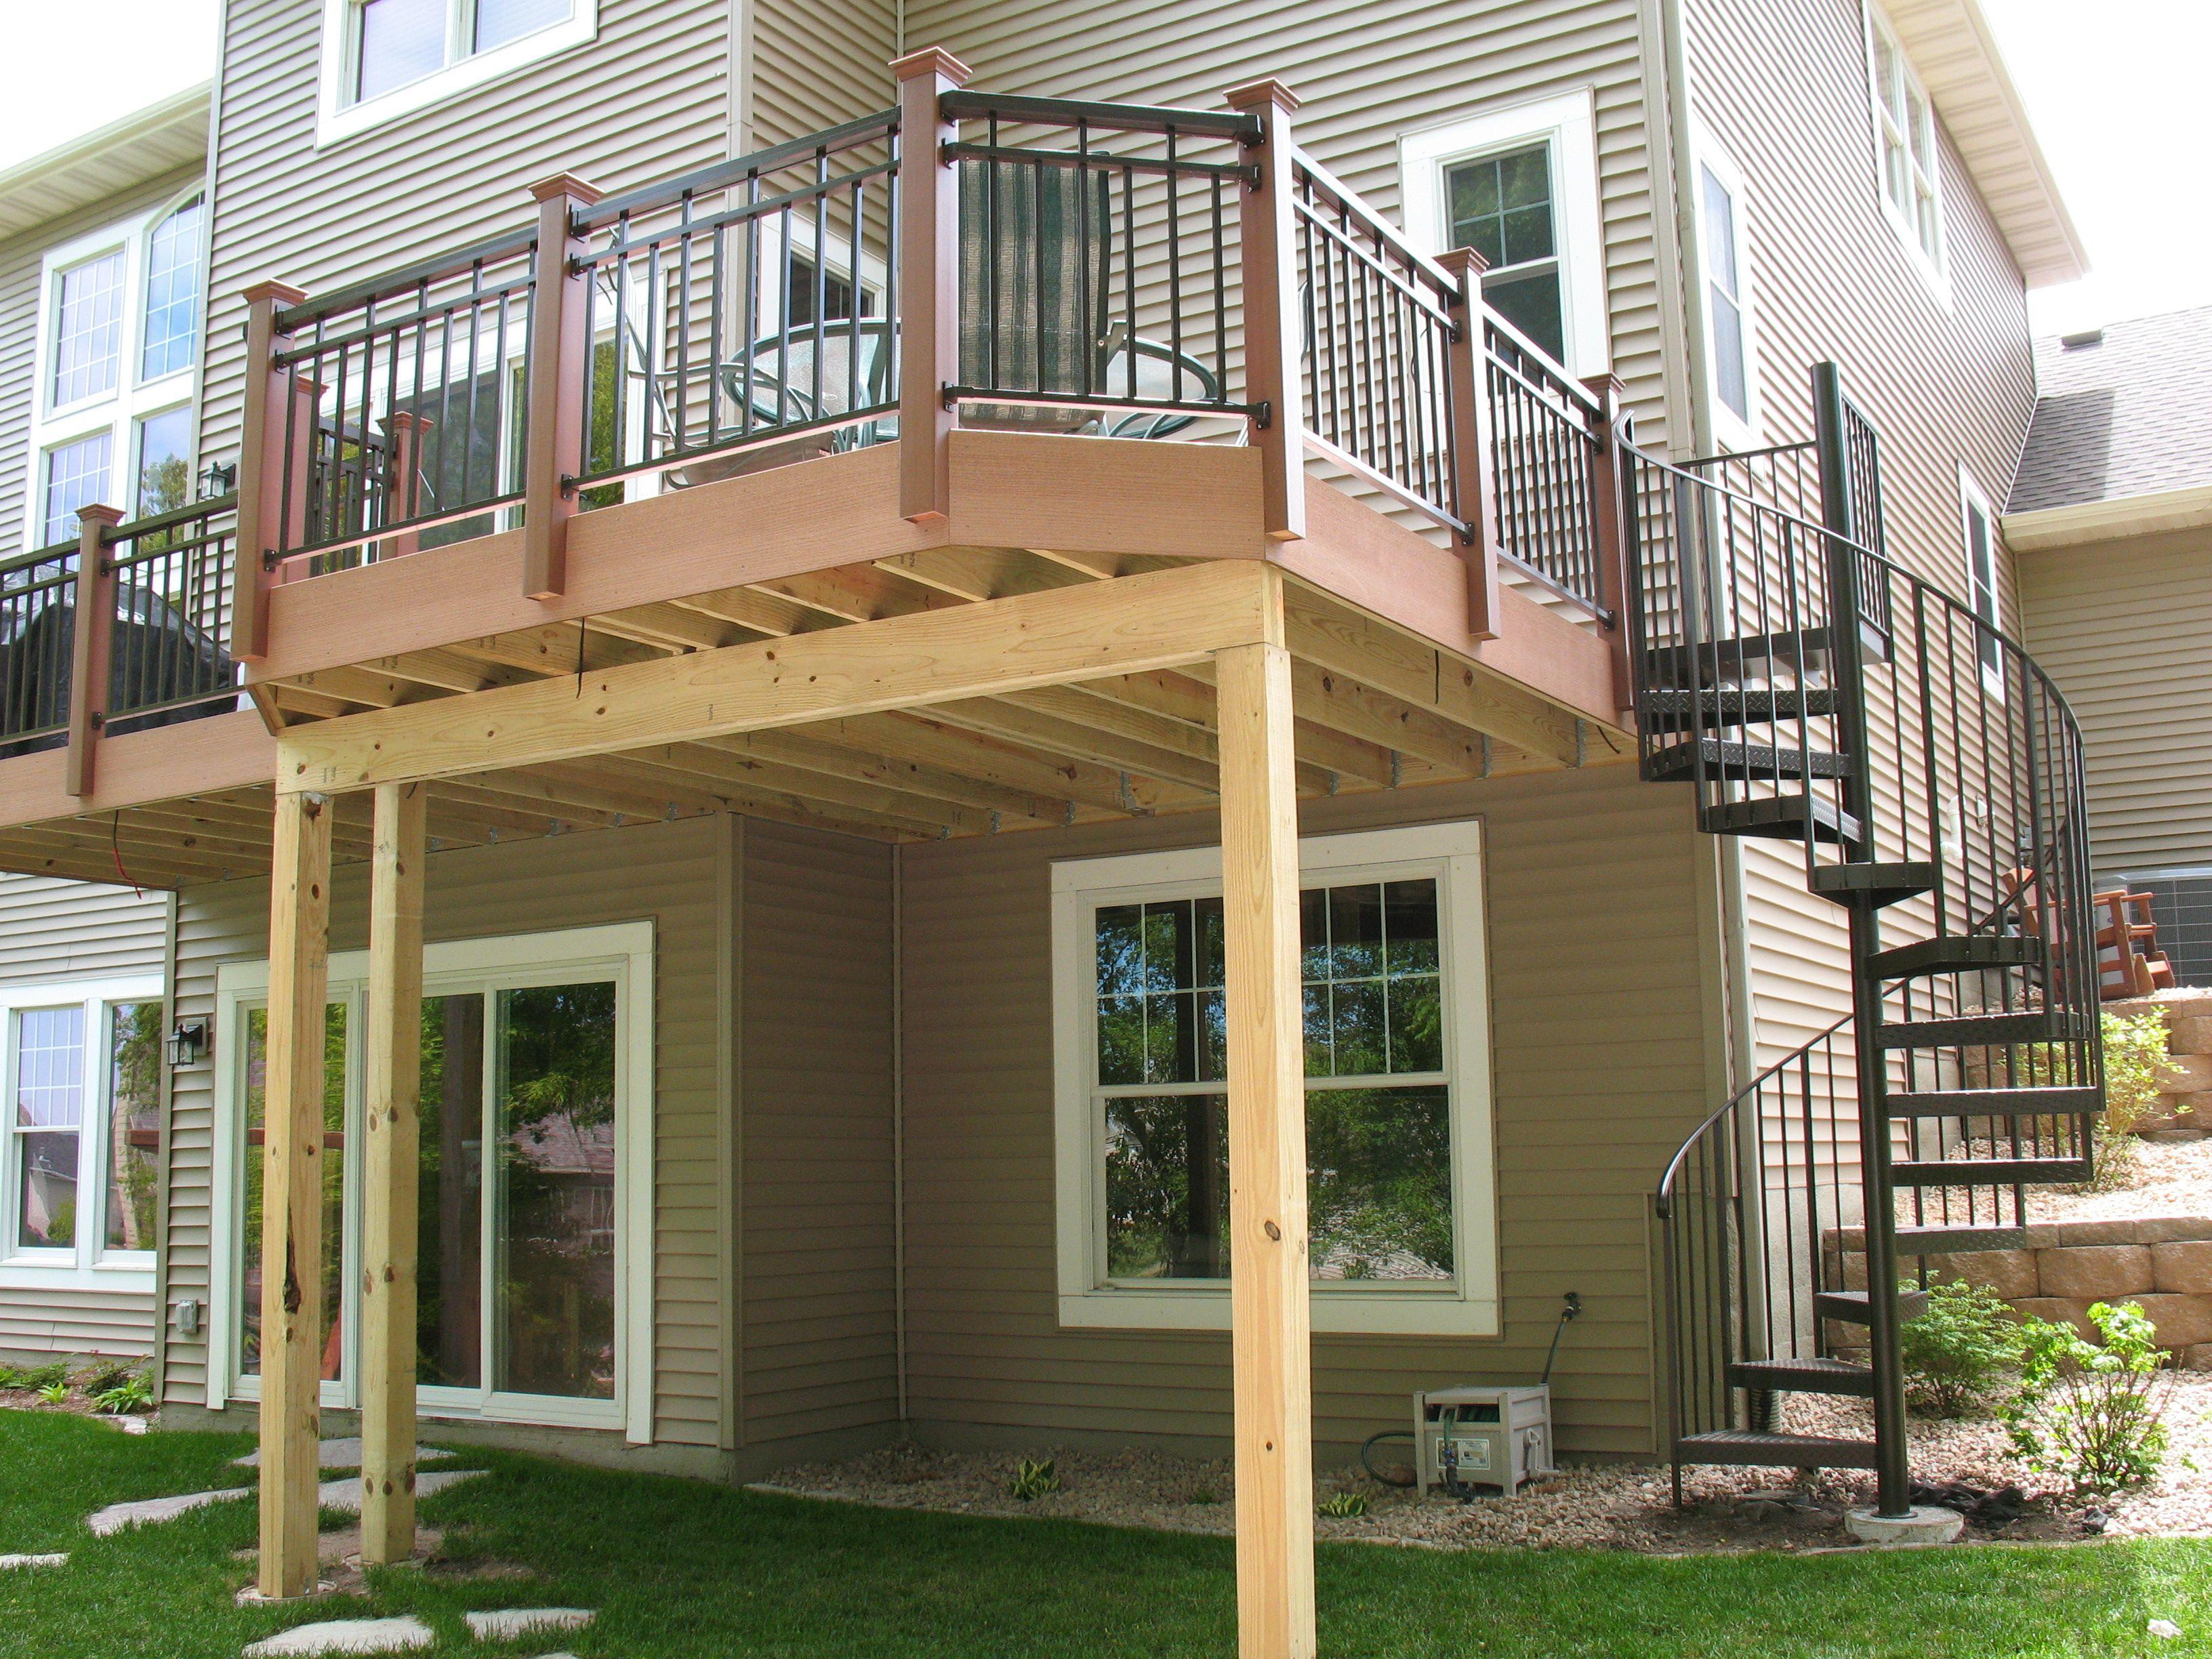 Best Outdoor Spiral Deck Stairs Deck Stairs Spiral 640 x 480